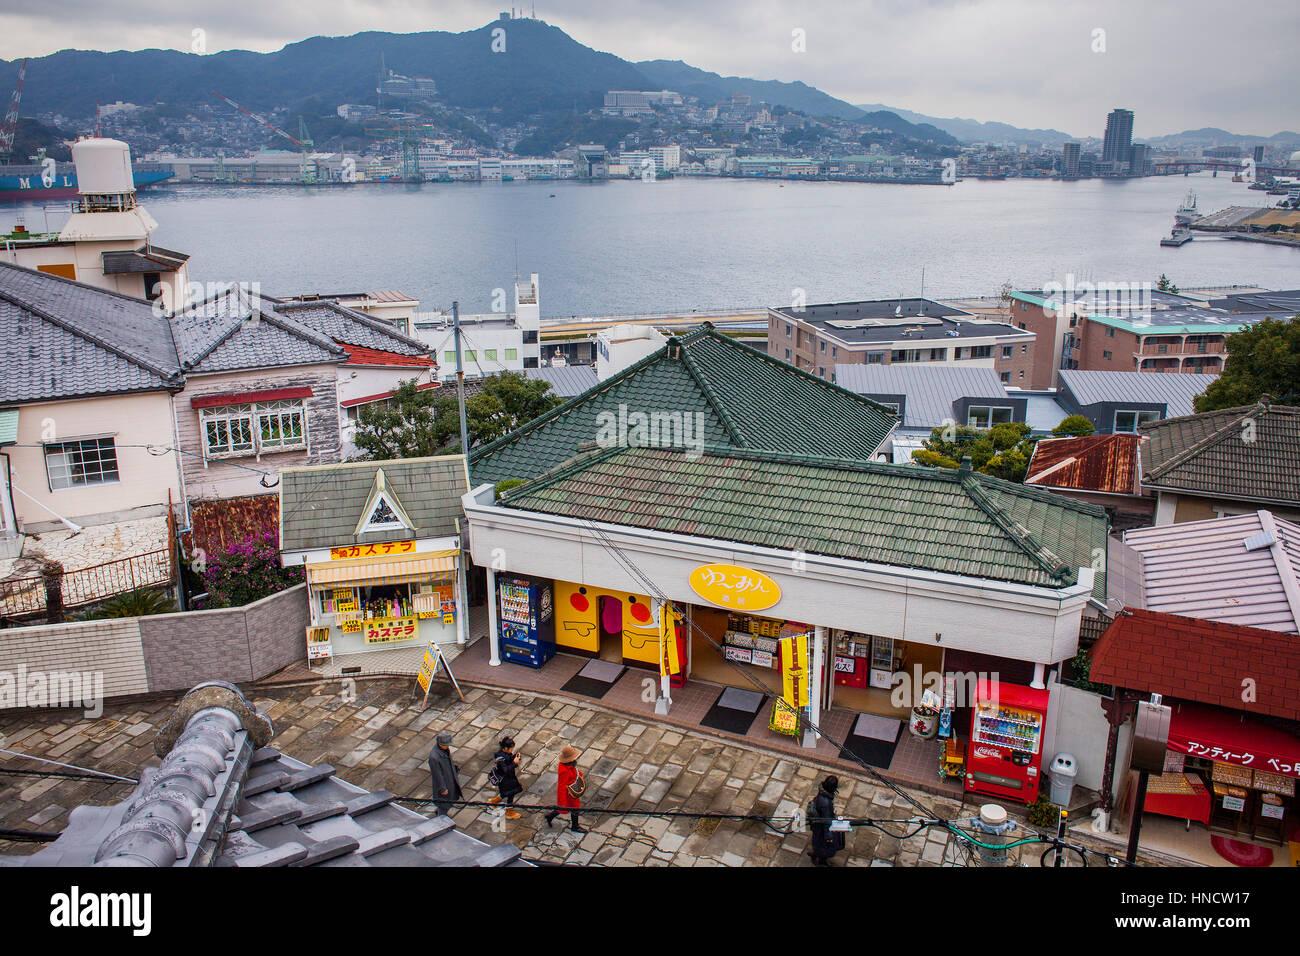 Landschaft, Panorama, Stadtbild, Ansichten von Glover Garten, Nagasaki, Japan Stockbild